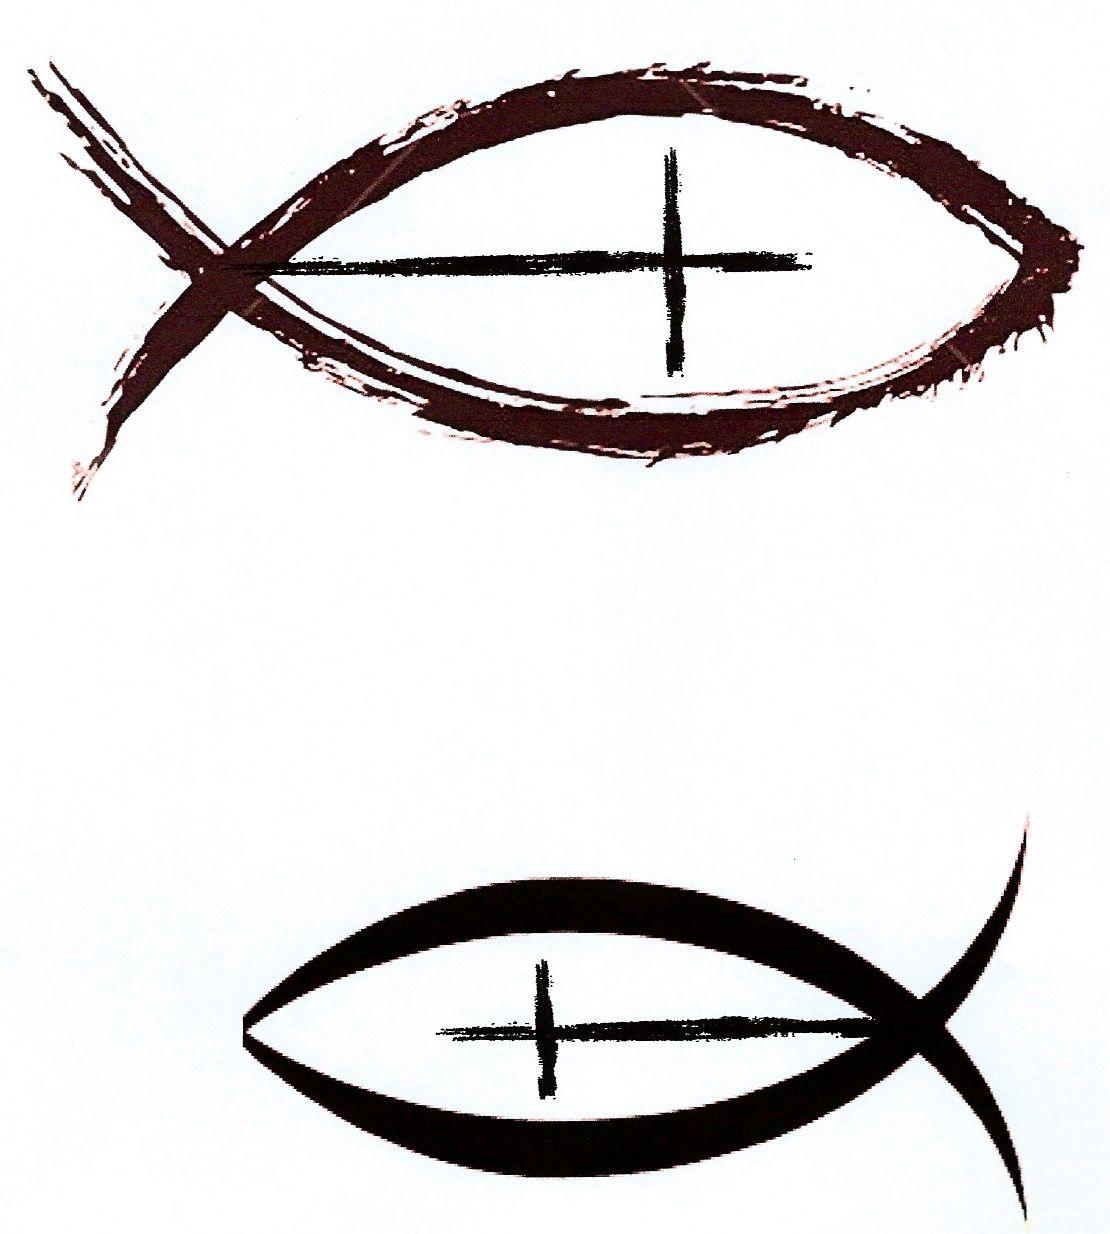 Jesus Fish Drawings Free Download Best Jesus Fish Drawings On